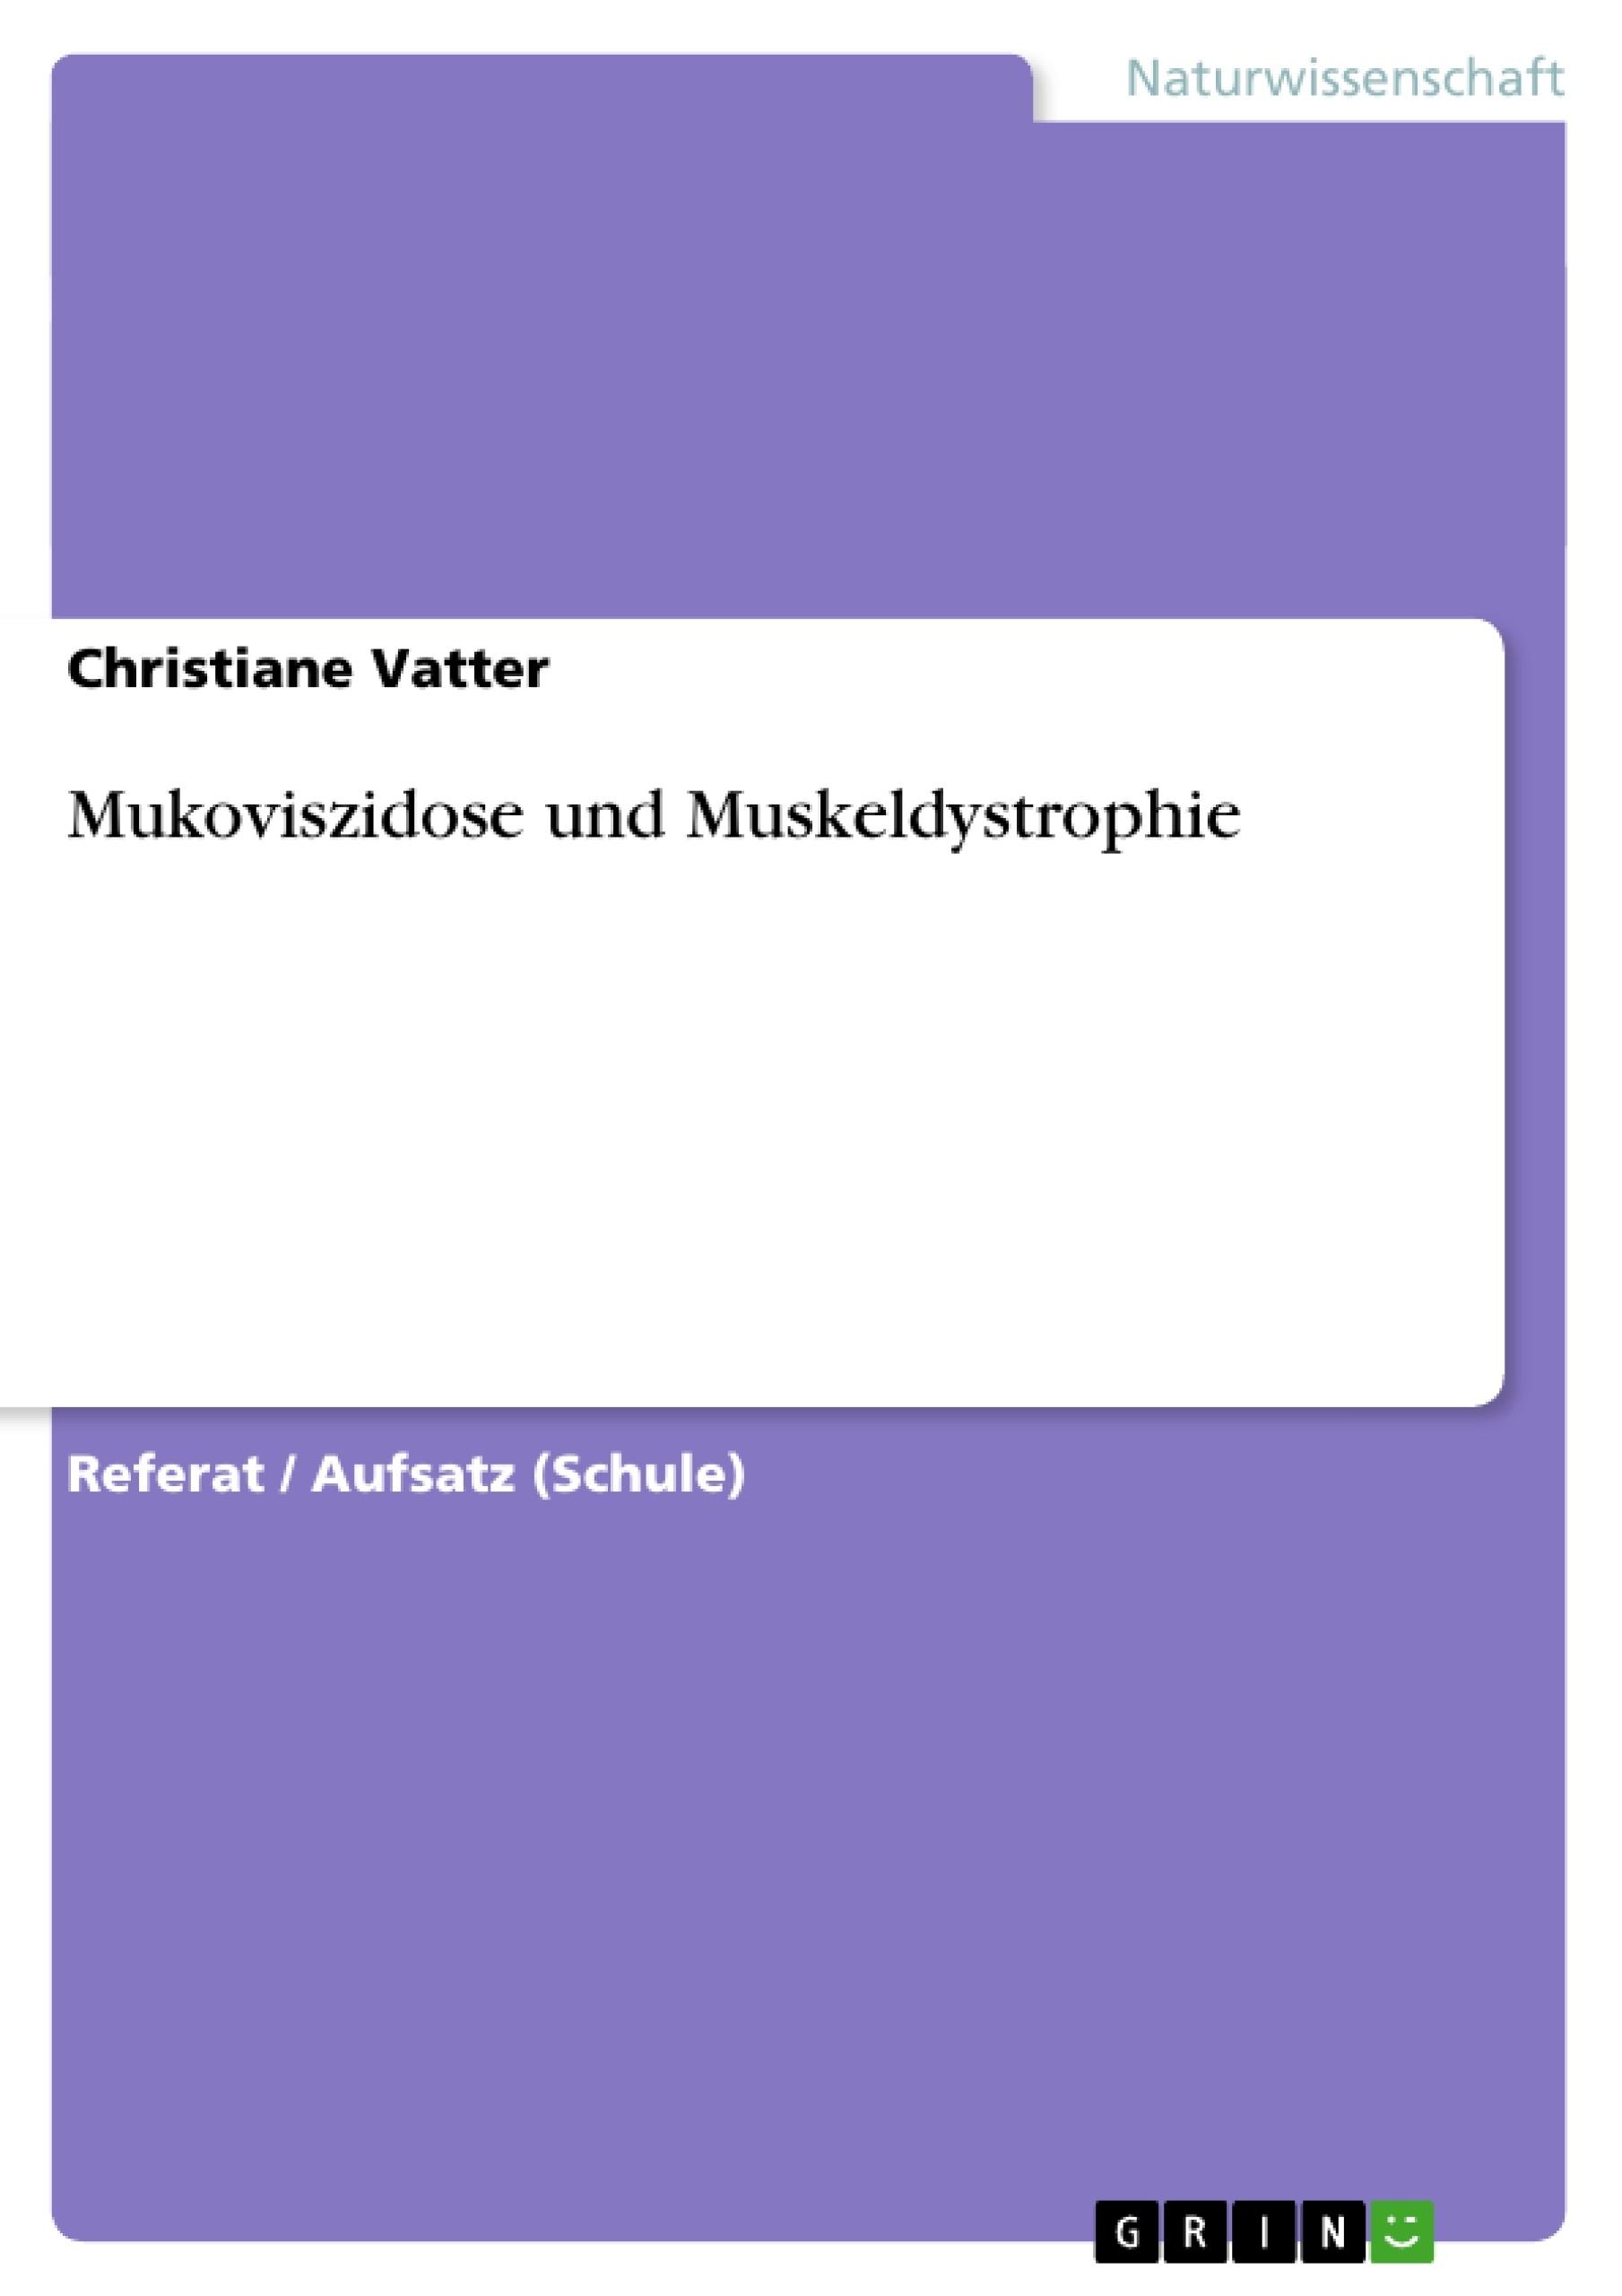 Titel: Mukoviszidose und Muskeldystrophie